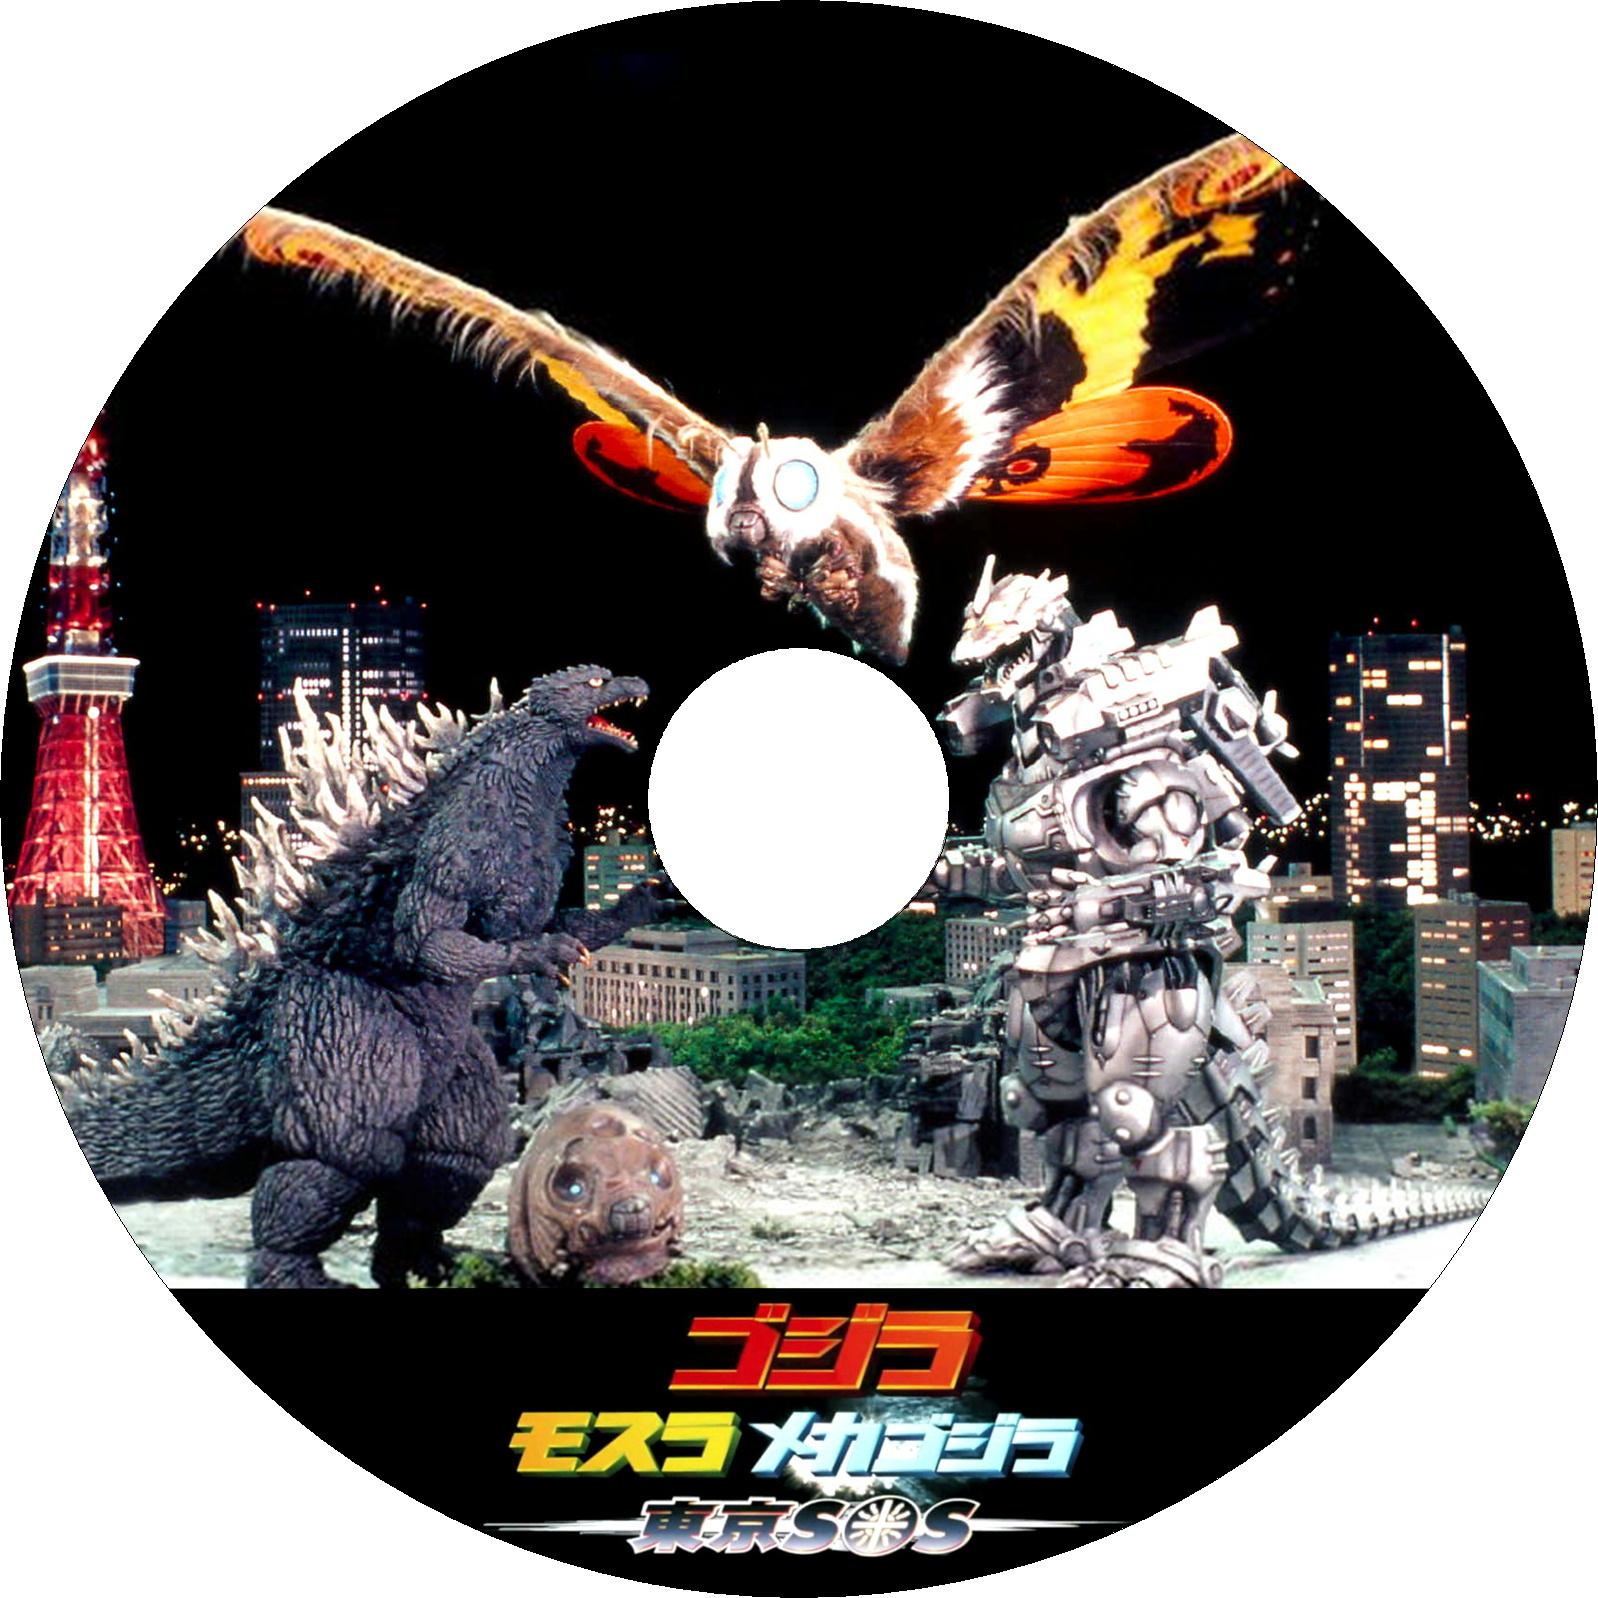 ゴジラ×モスラ×メカゴジラ 東京SOS ラベル2改2